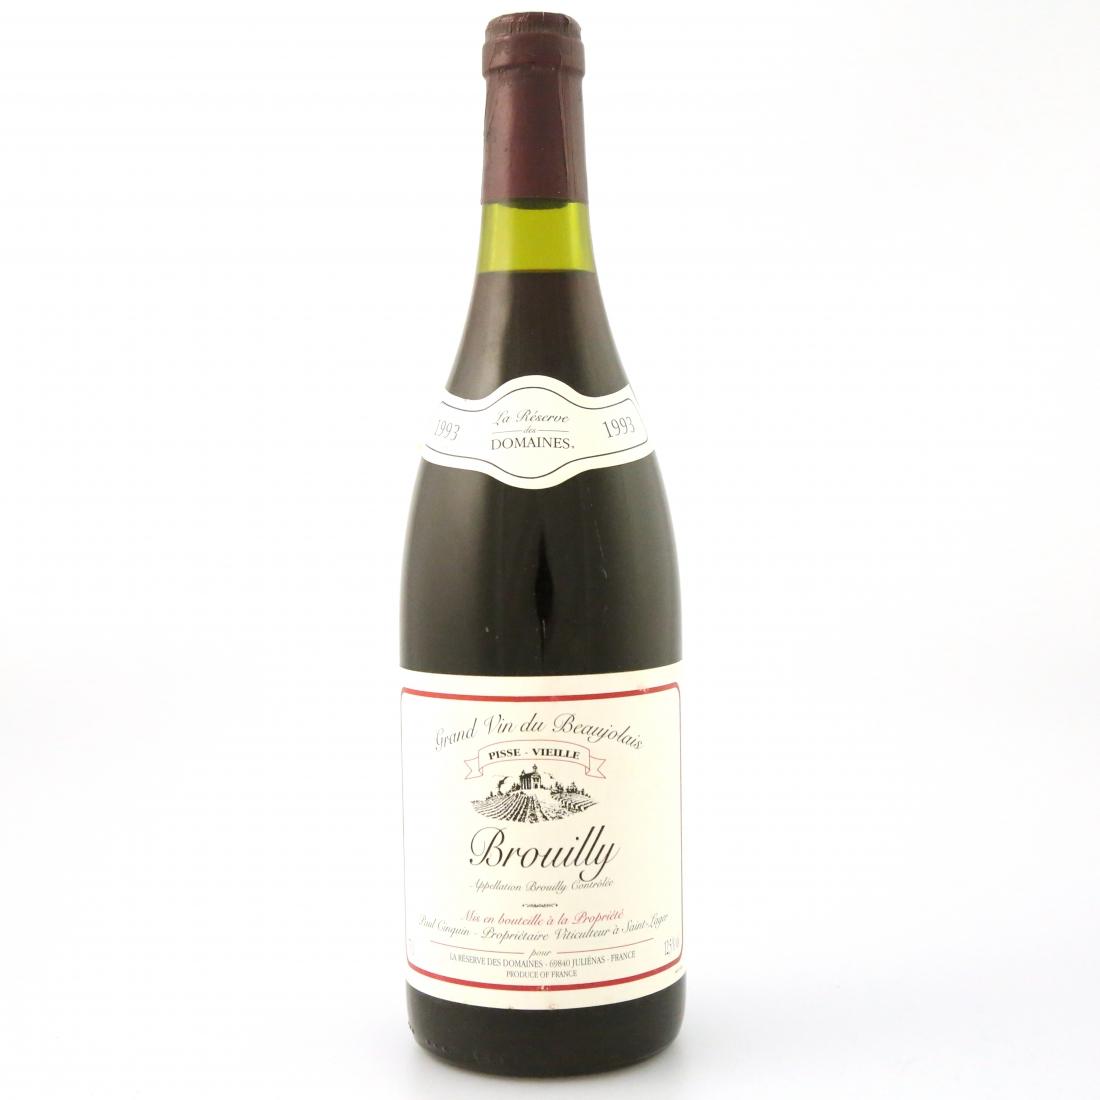 La Reserve Des Domaines 1993 Brouilly